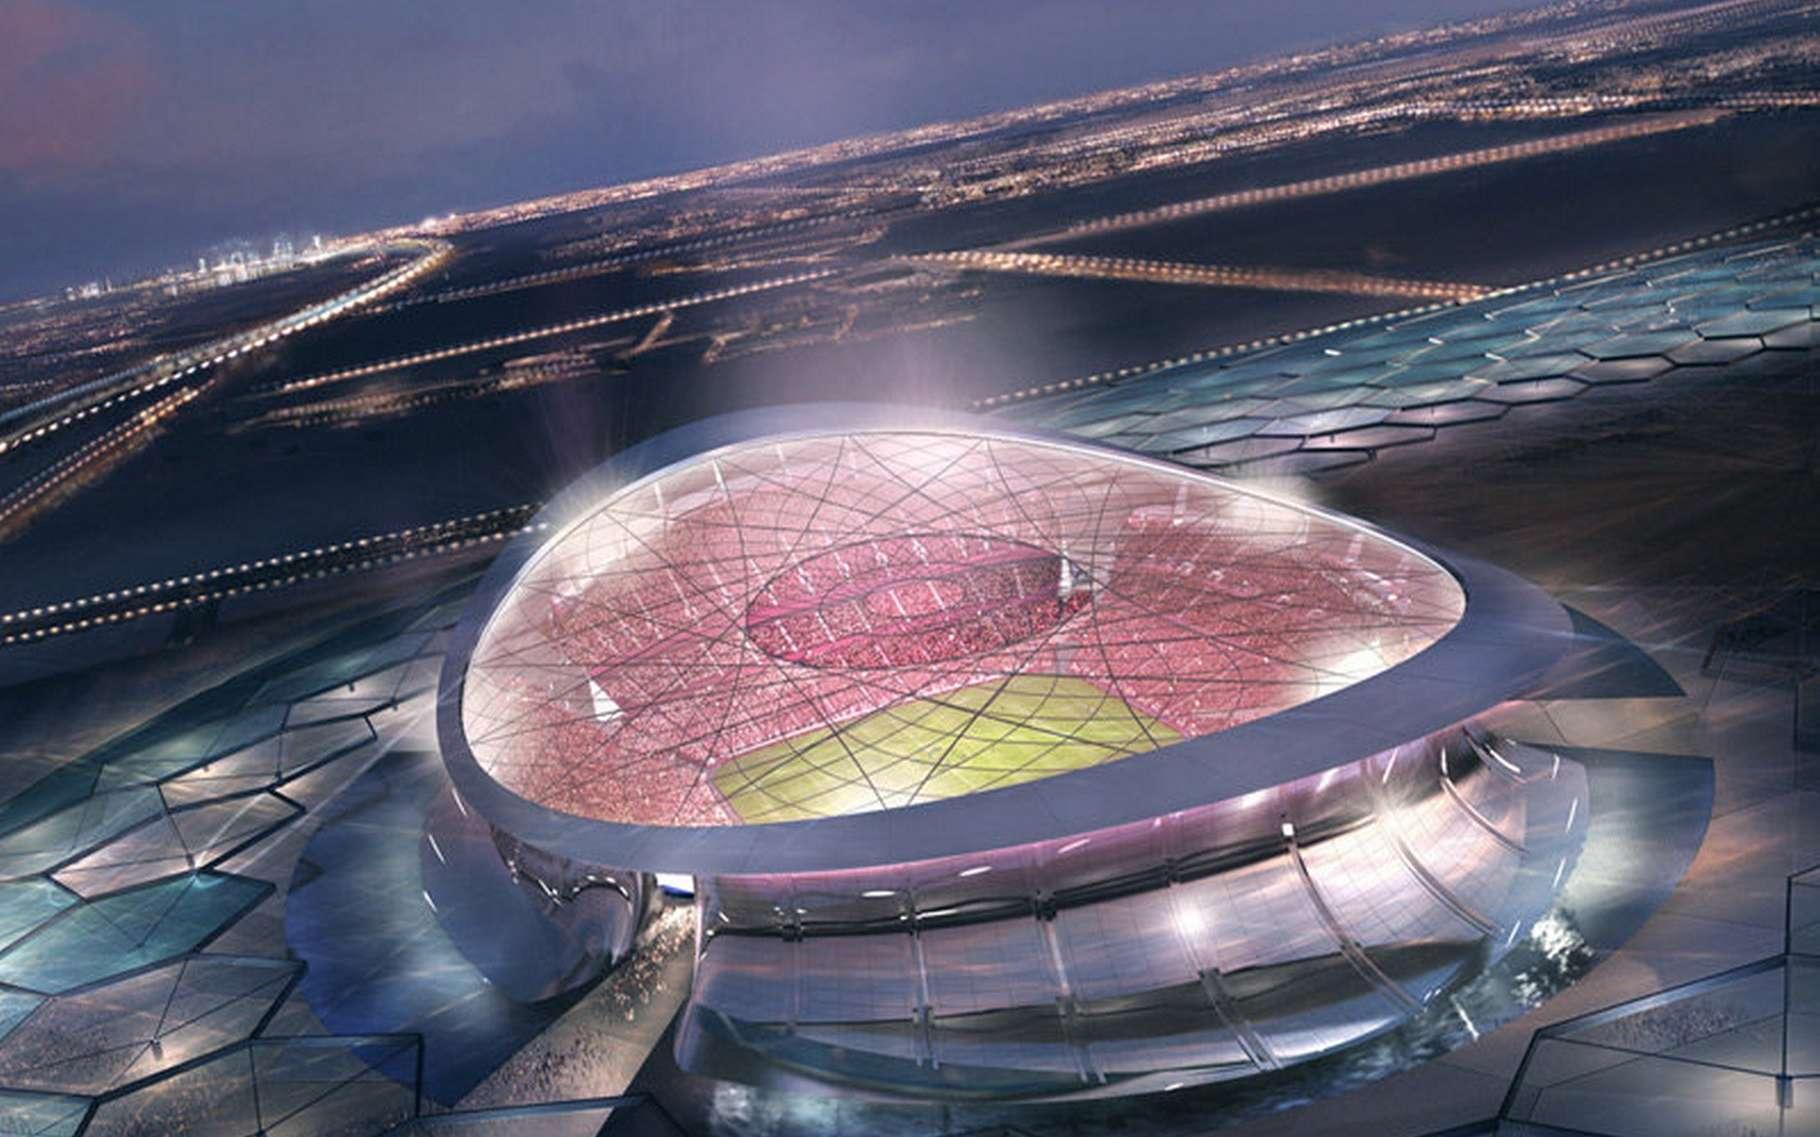 Le Lusail Iconic Stadium est le stade qui accueillera la cérémonie d'ouverture ainsi que la finale de la Coupe du monde 2022 au Qatar. Sa construction coûtera à elle seule 38 milliards de dollars (environ 34 milliards d'euros au cours actuel). © Supreme Committee for Delivery & Legacy Technical Delivery Office, Fifa